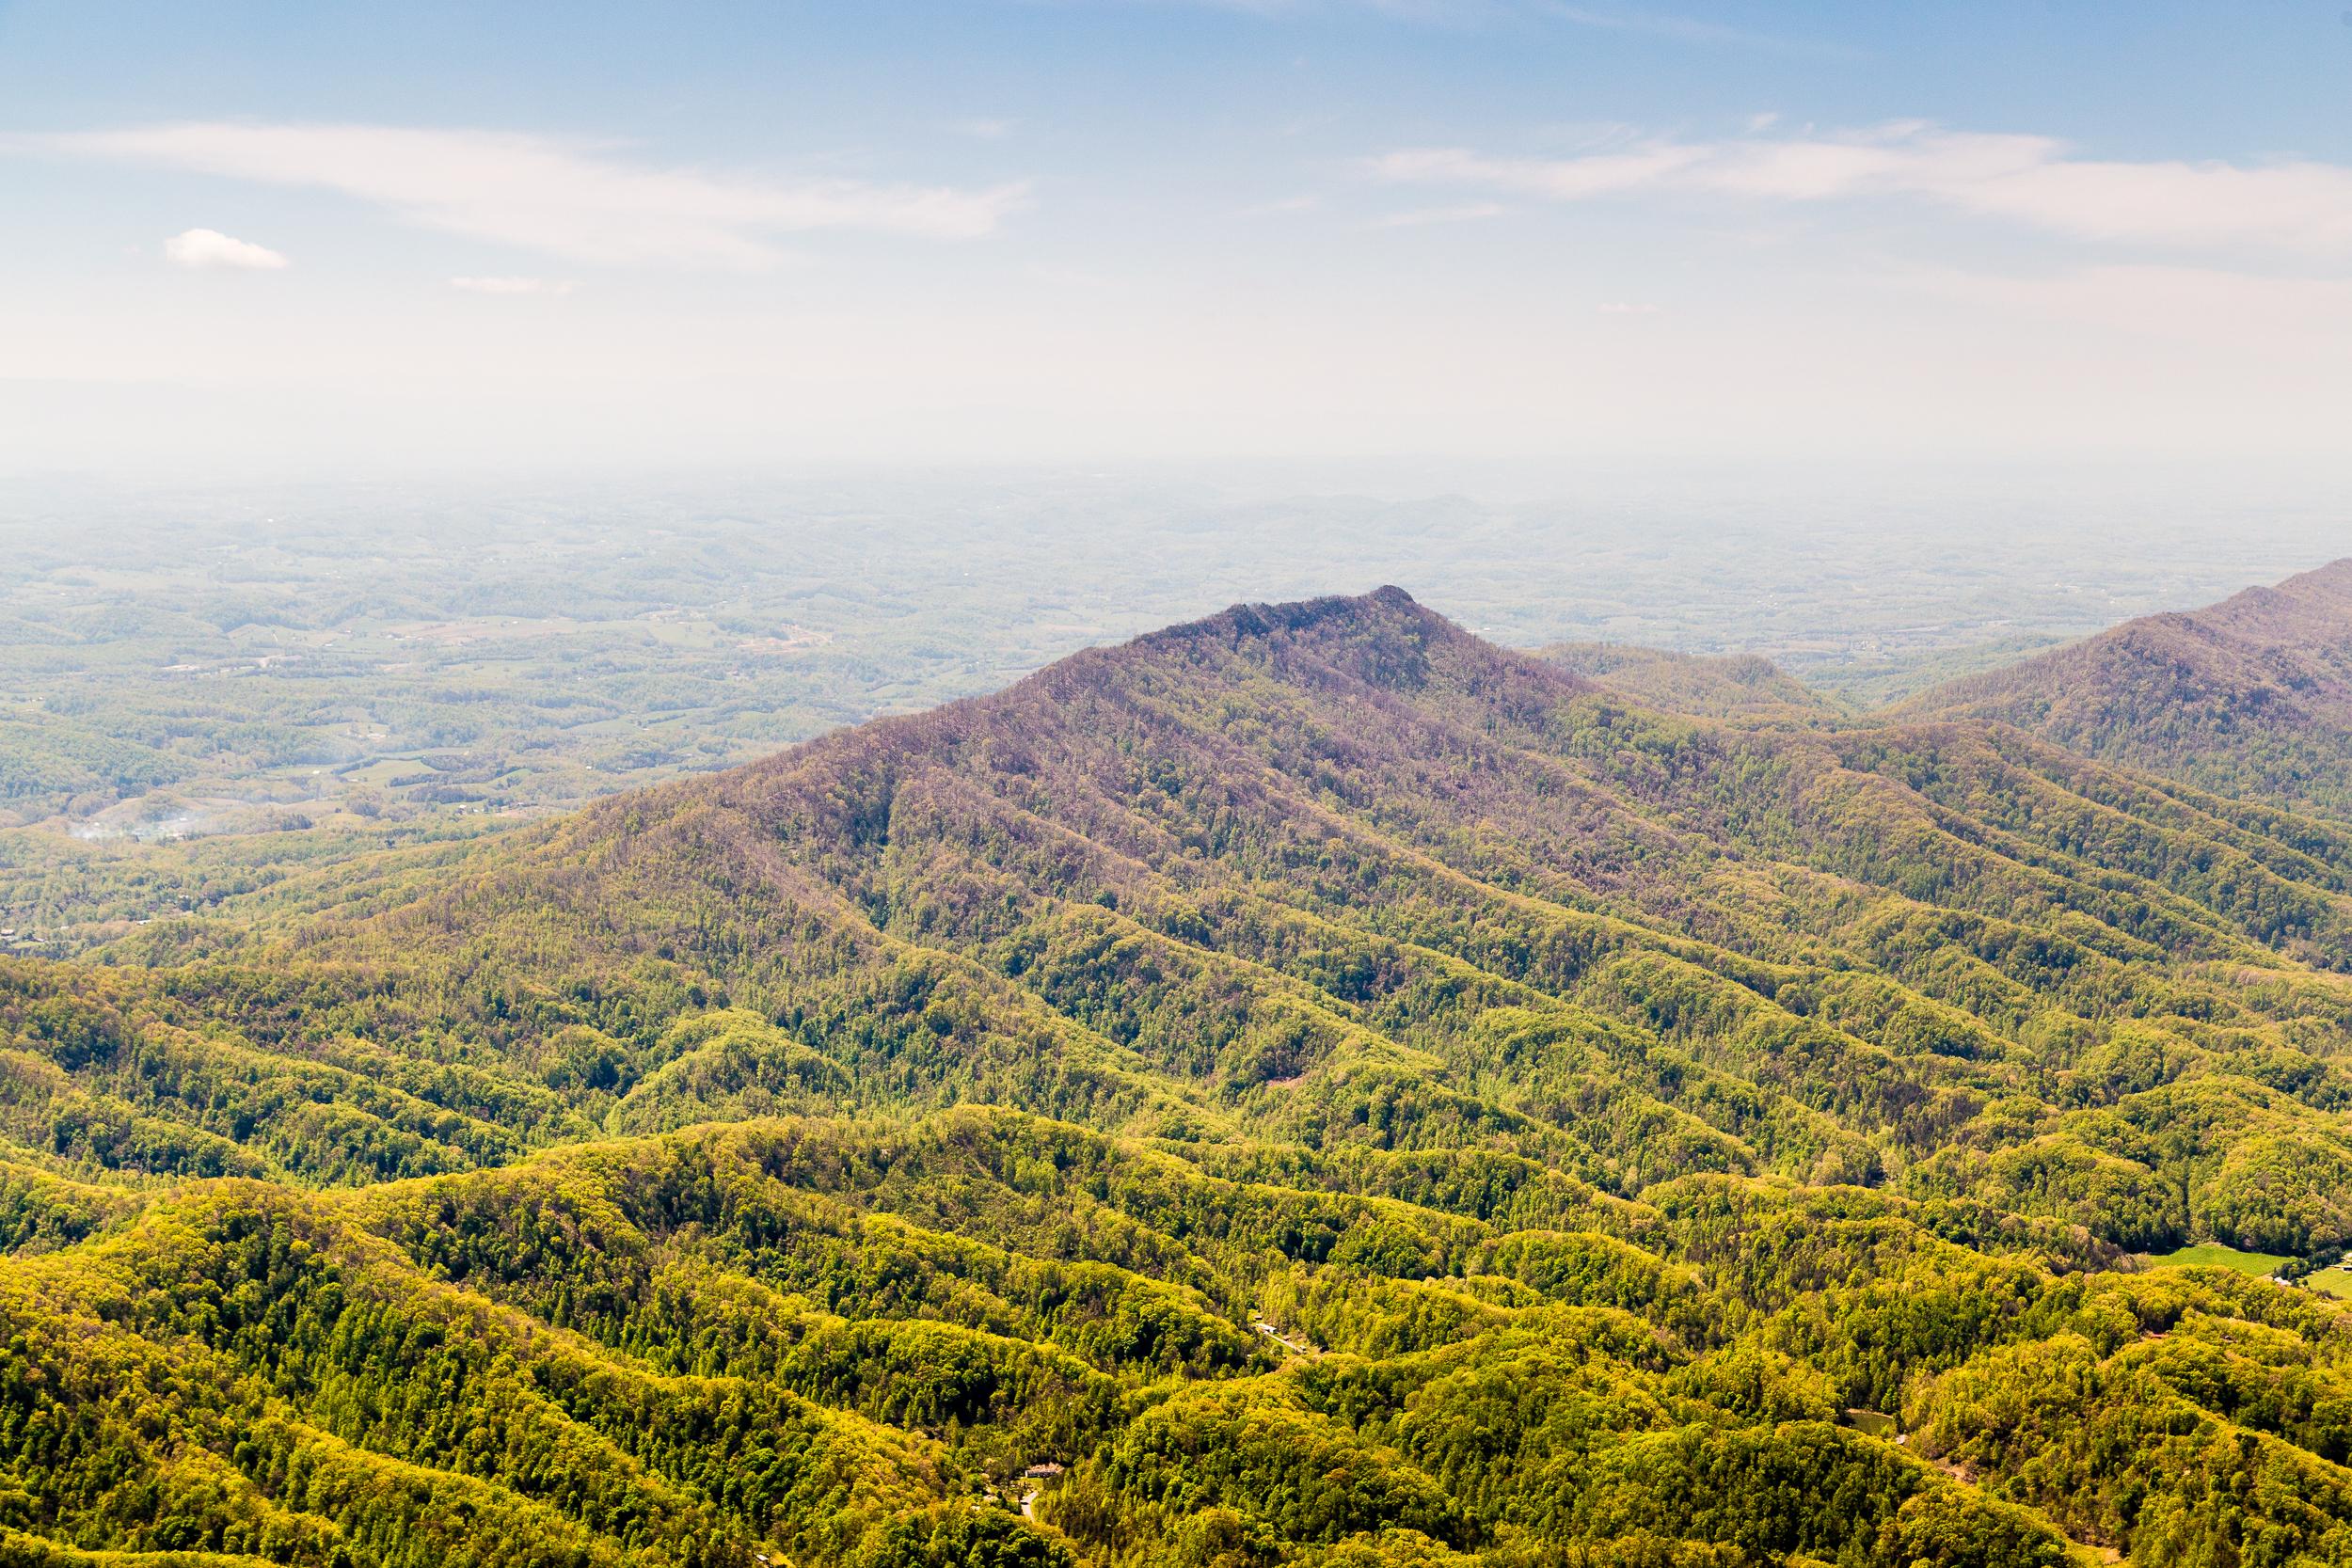 Appalachian mountain ridge, southeastern Kentucky.